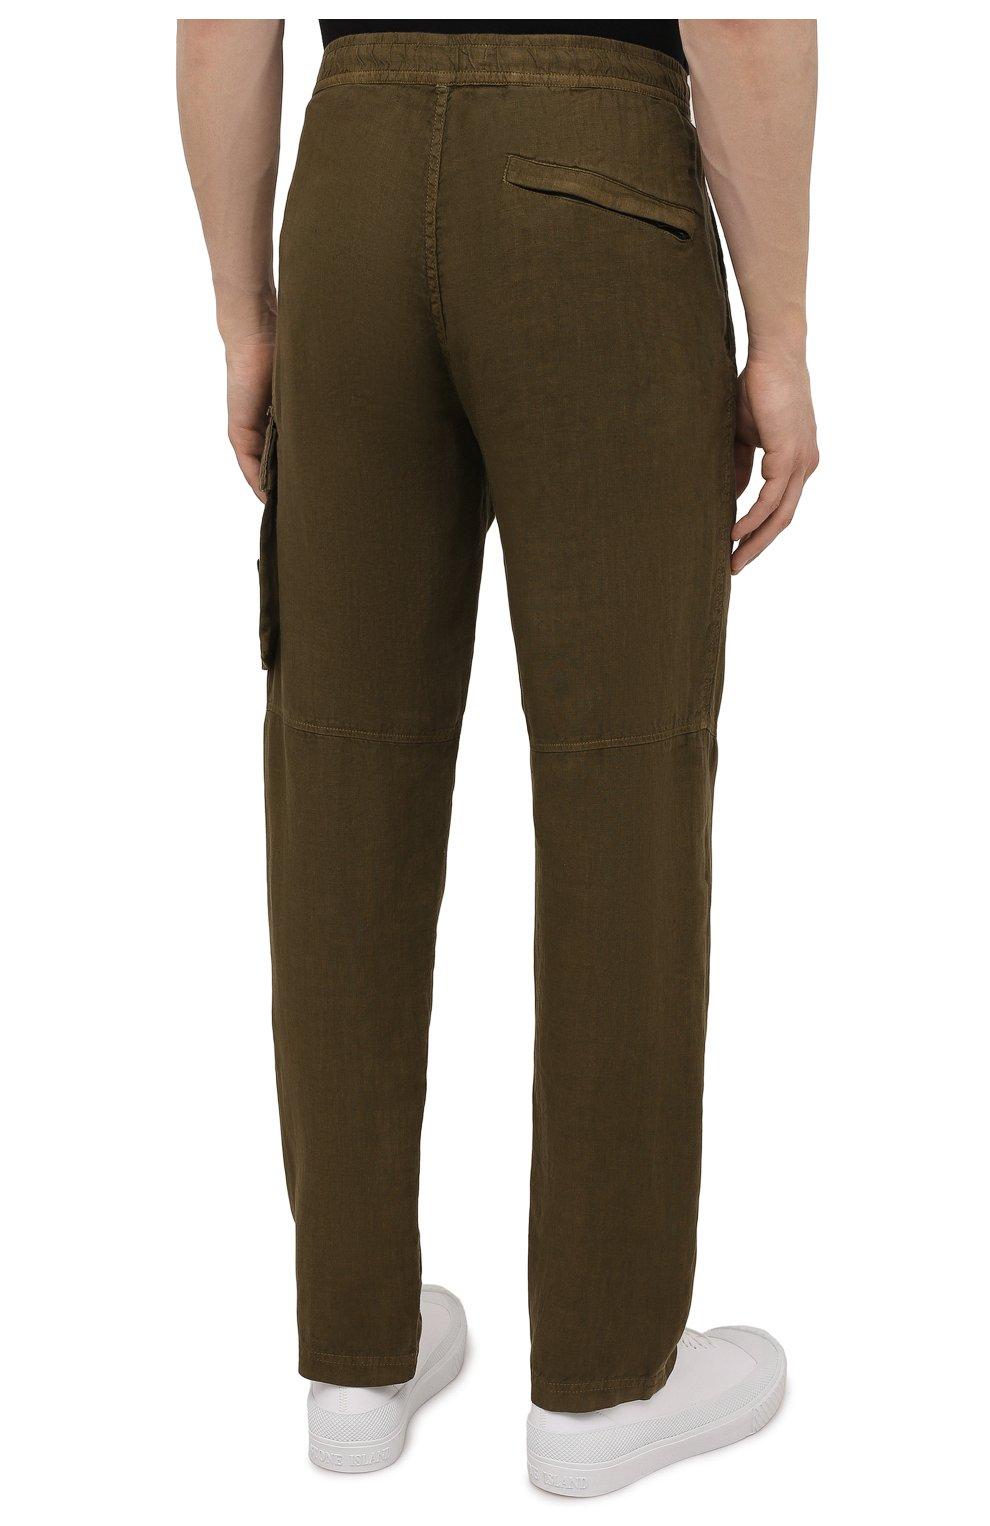 Мужские льняные брюки-карго STONE ISLAND хаки цвета, арт. 741531601   Фото 4 (Силуэт М (брюки): Карго; Длина (брюки, джинсы): Стандартные; Случай: Повседневный; Стили: Милитари; Материал внешний: Лен)